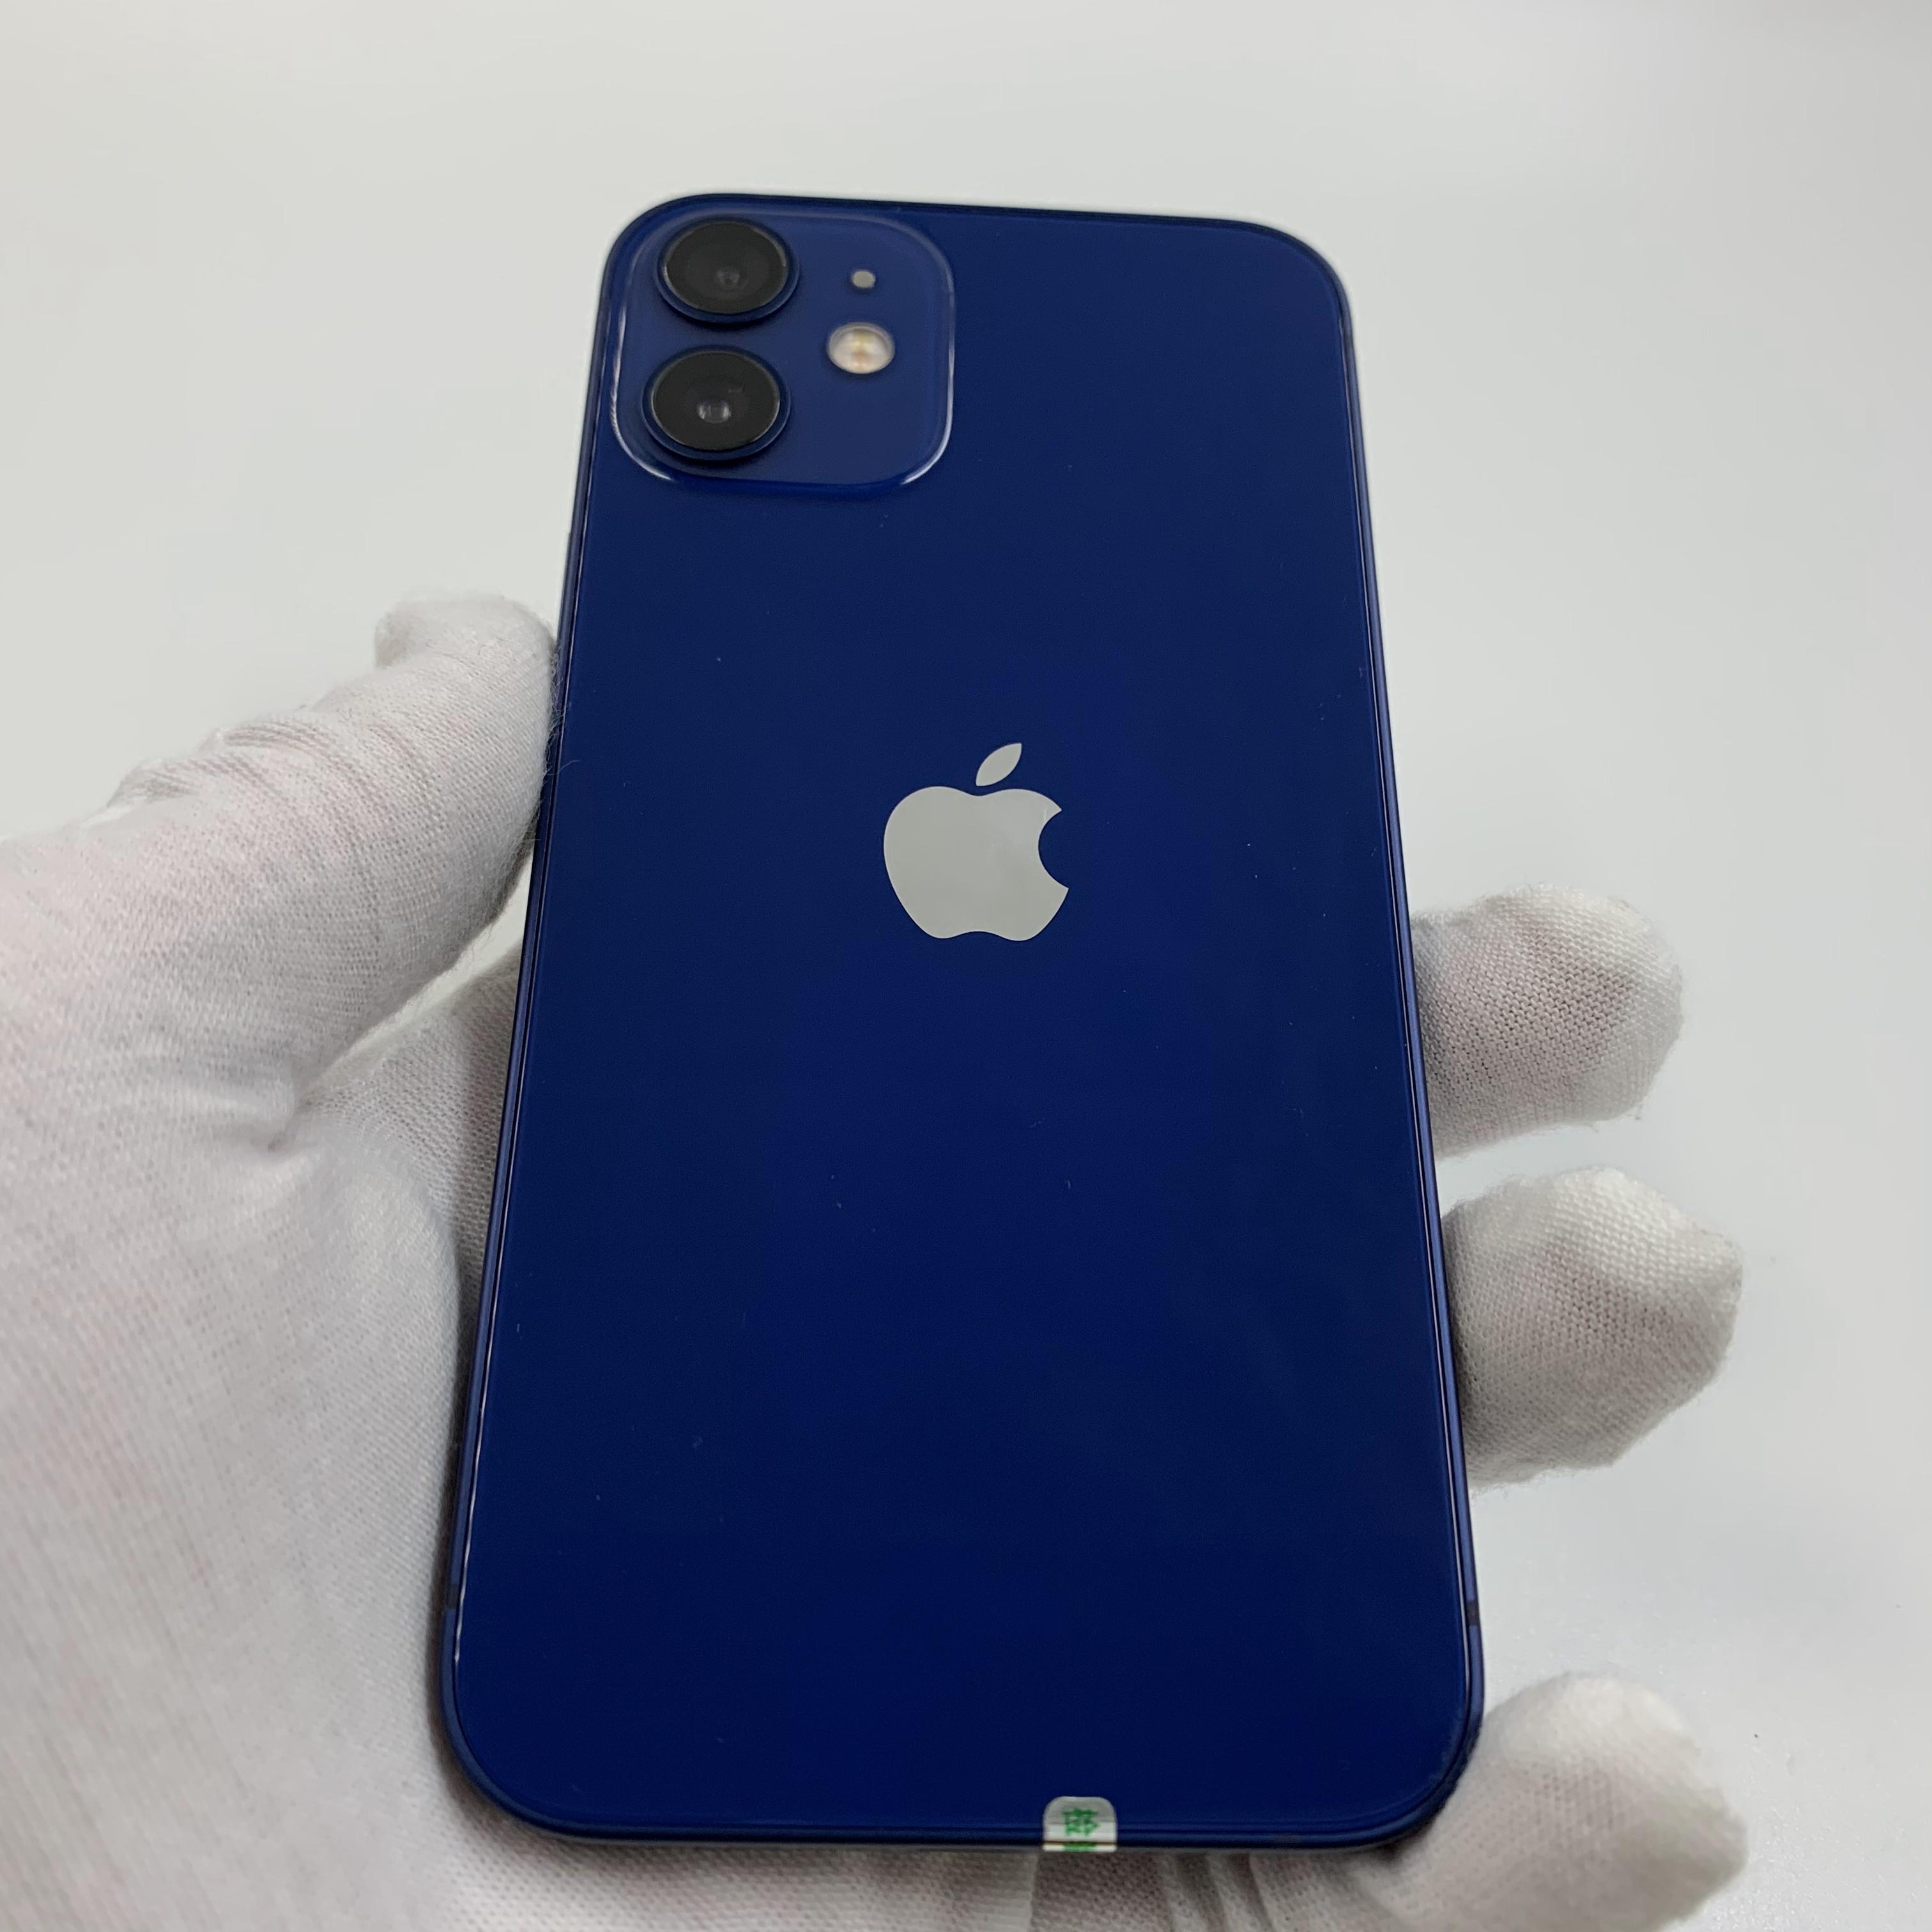 苹果【iPhone 12 mini】5G全网通 蓝色 128G 国行 95新 真机实拍官保2022-01-24